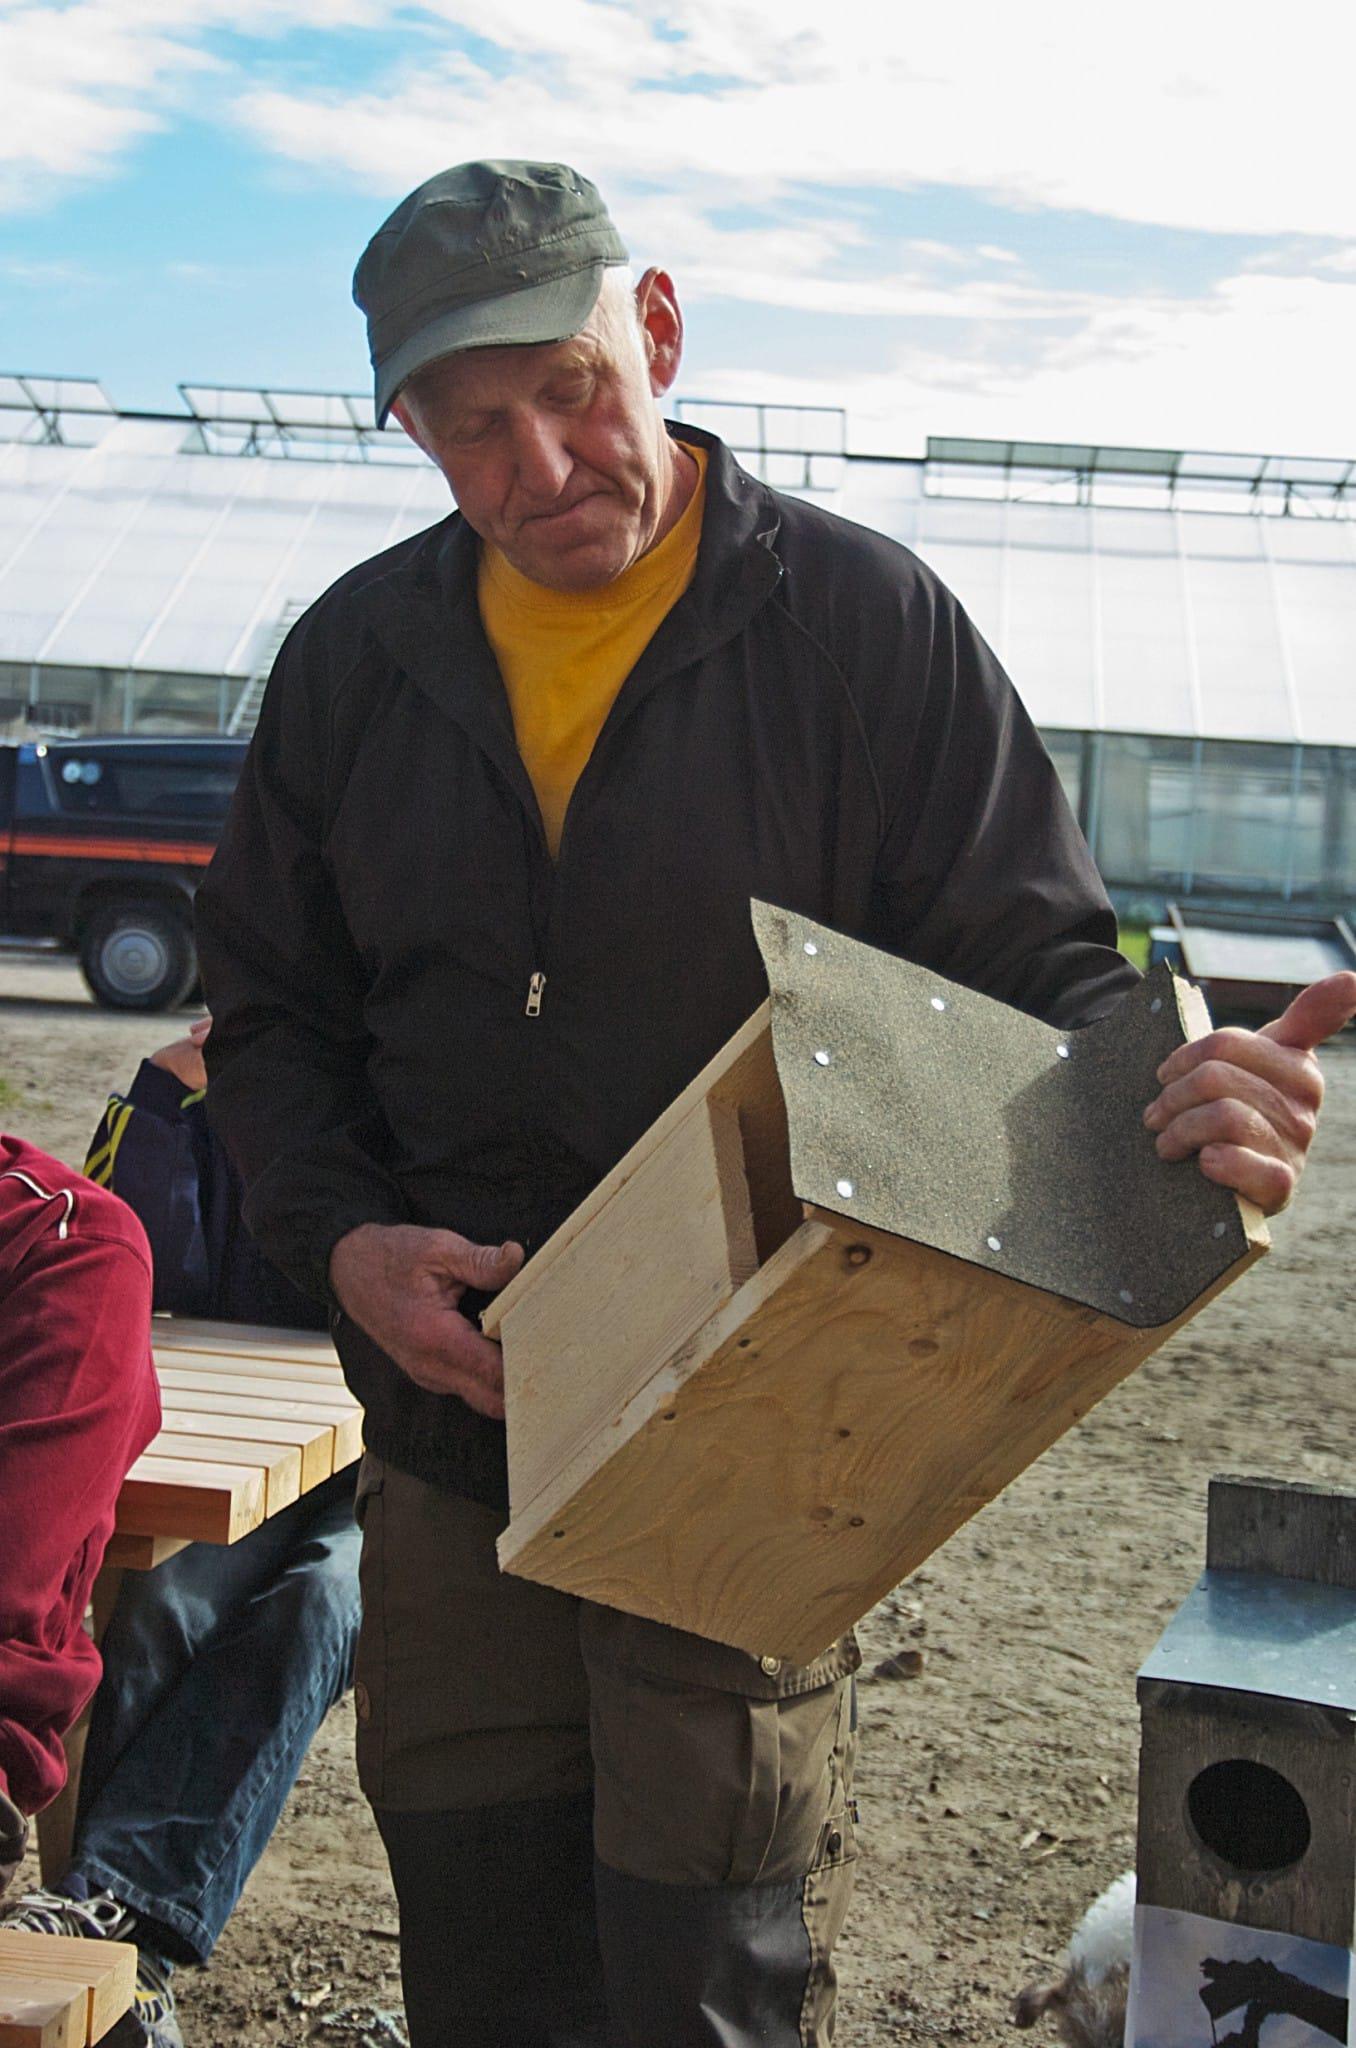 Holkar ska byggas för fåglar och inte för människor, anser Eskil Lugnet. Foto: Bernt Karlsson